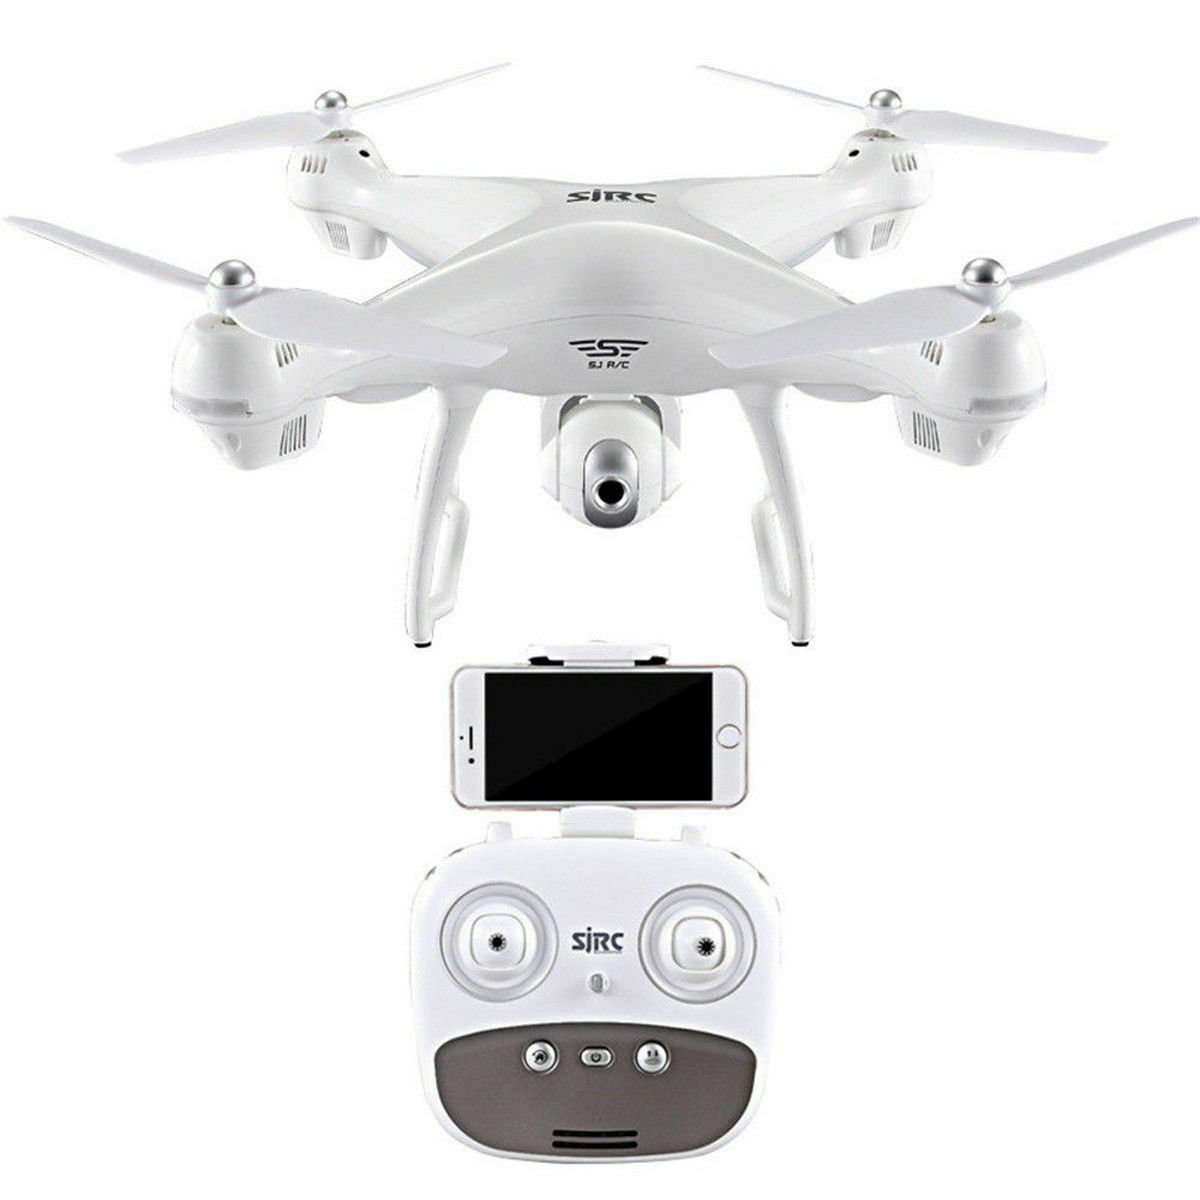 spedizione gratuita S70W GPS LED FPV Drone Quadcopter With With With 1080P HD telecamera Wifi Headless Mode 2.4GHz  supporto al dettaglio all'ingrosso